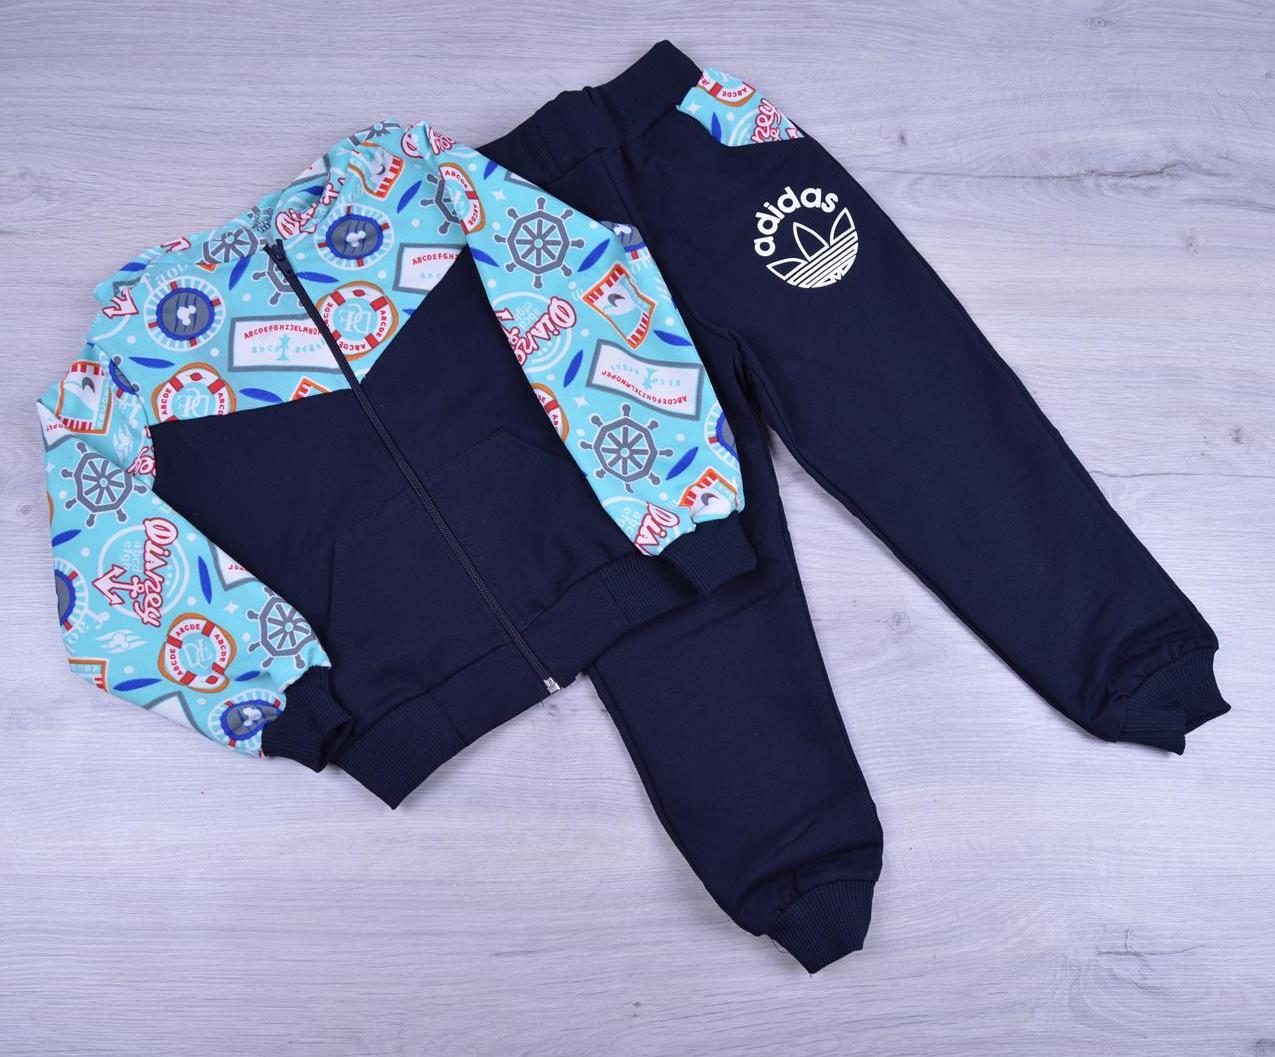 """Спортивный костюм детский """"Adidas реплика """". 1-5 лет.Темно-синий+голубой. Оптом"""